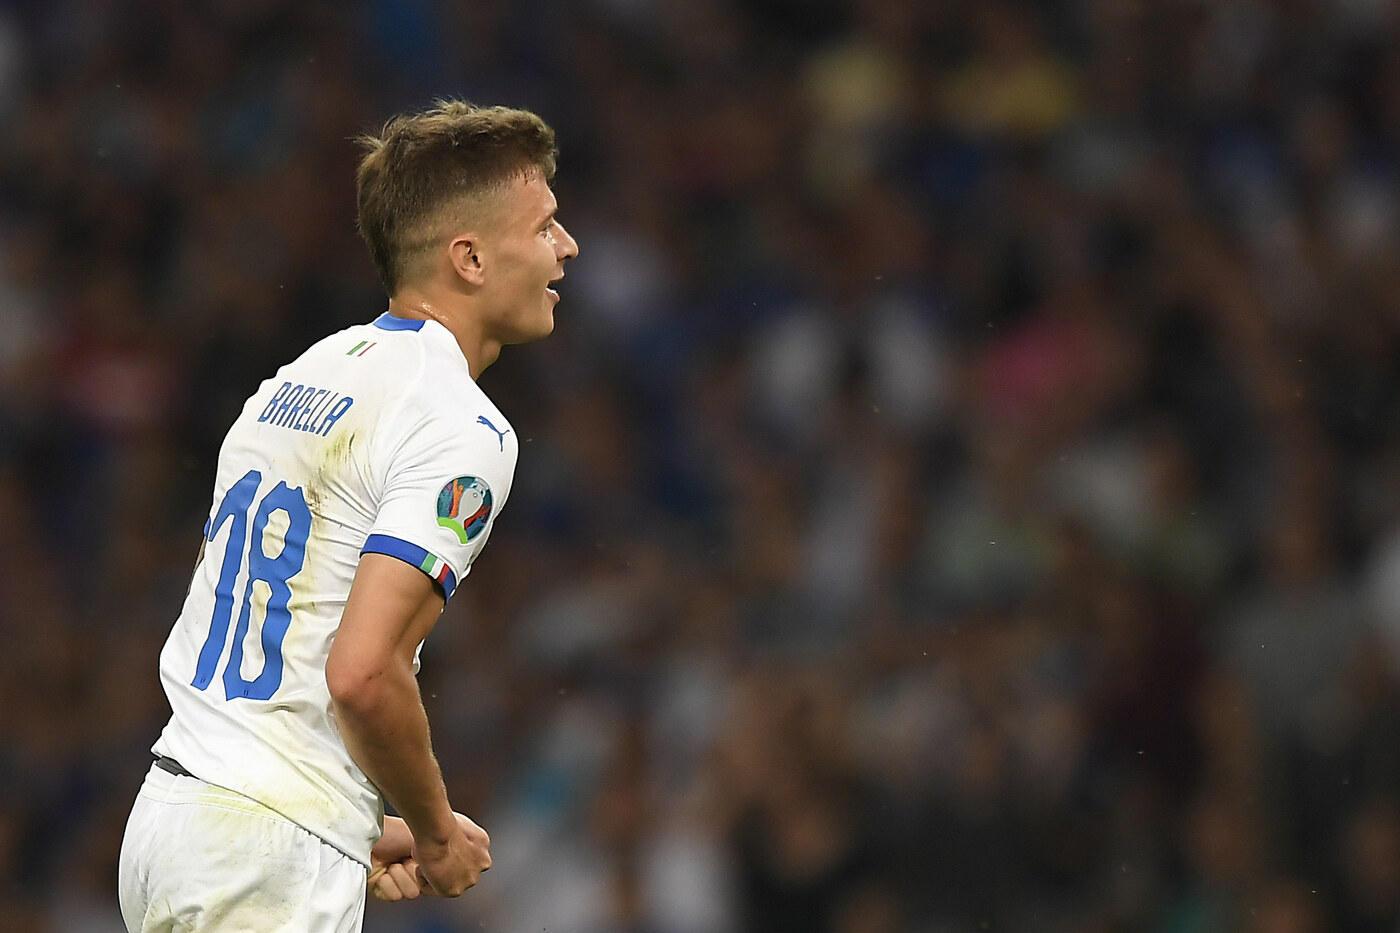 Barella 7 - Mancini gli chiede più coraggio negli inserimenti e lui lo ripaga sbloccando il match come contro la Finlandia. Un pericolo costante per la retroguardia ellenica.